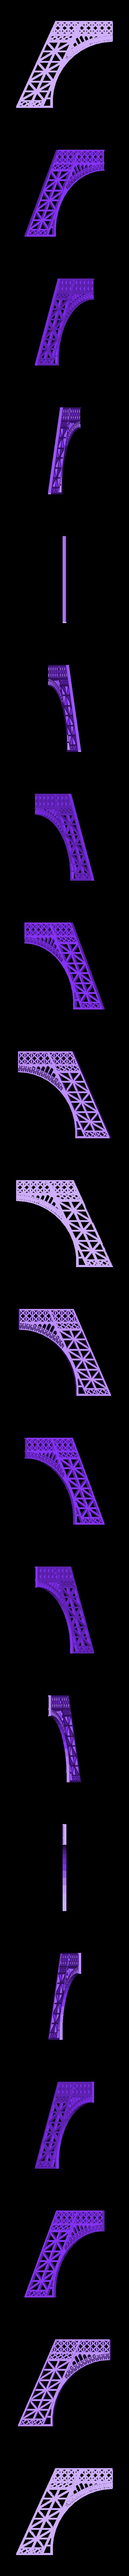 Eiffel_twr_A.stl Download free STL file Eiffel Tower HD • 3D print model, Ogubal3D